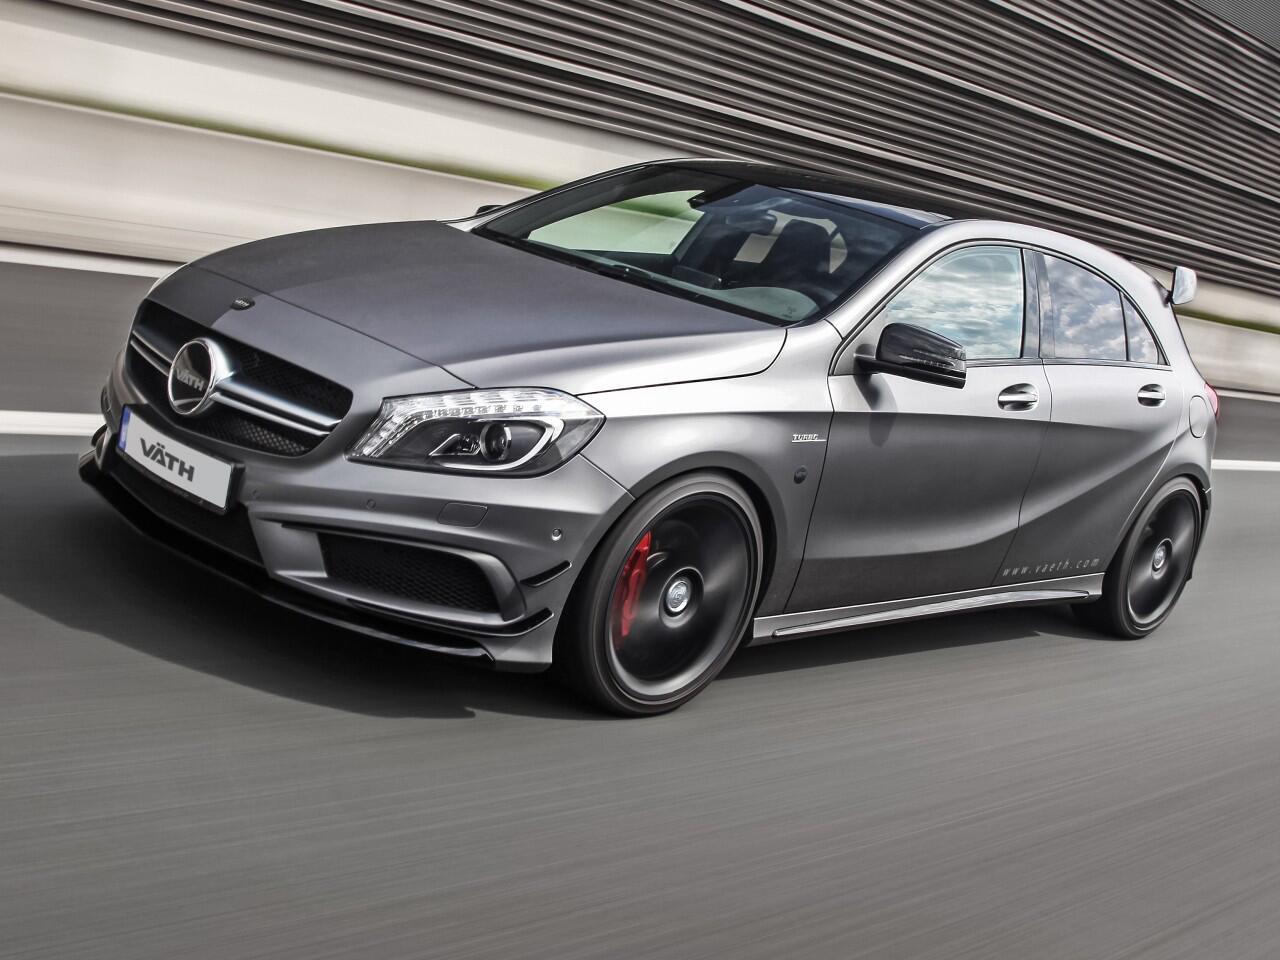 Bild zu Väth Mercedes A 45 AMG